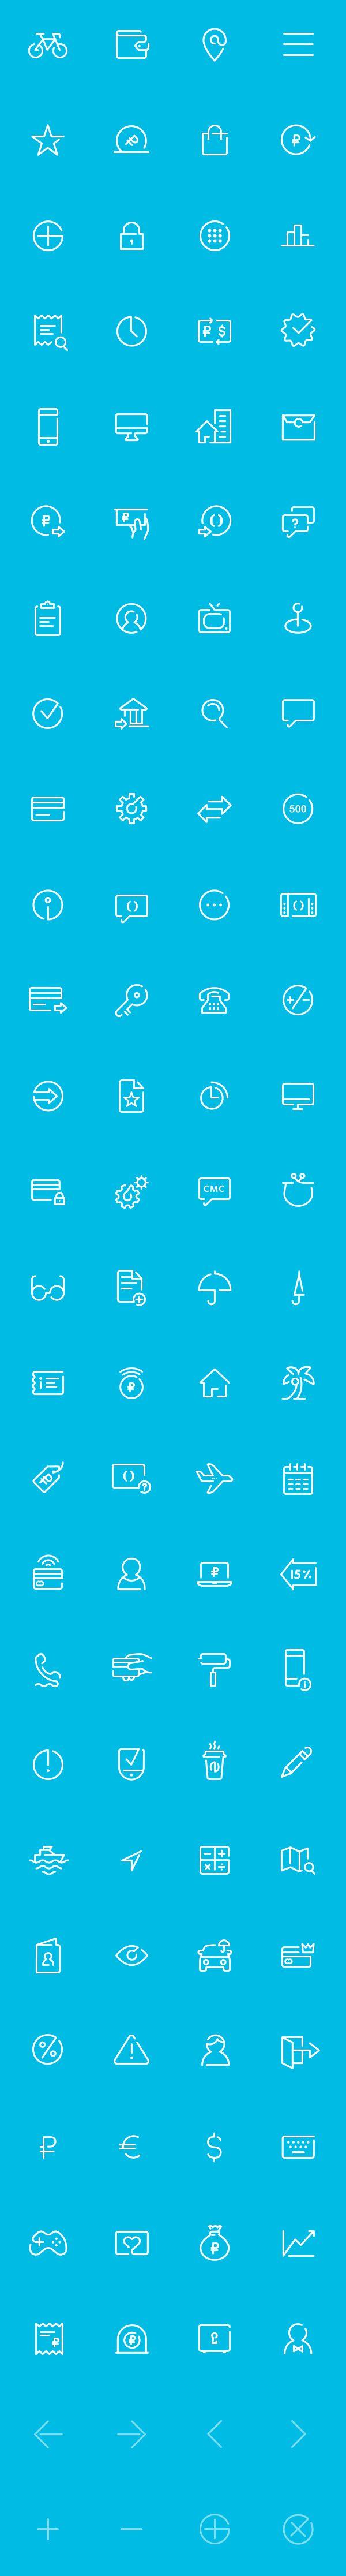 Otkritie Bank Iconography on Behance